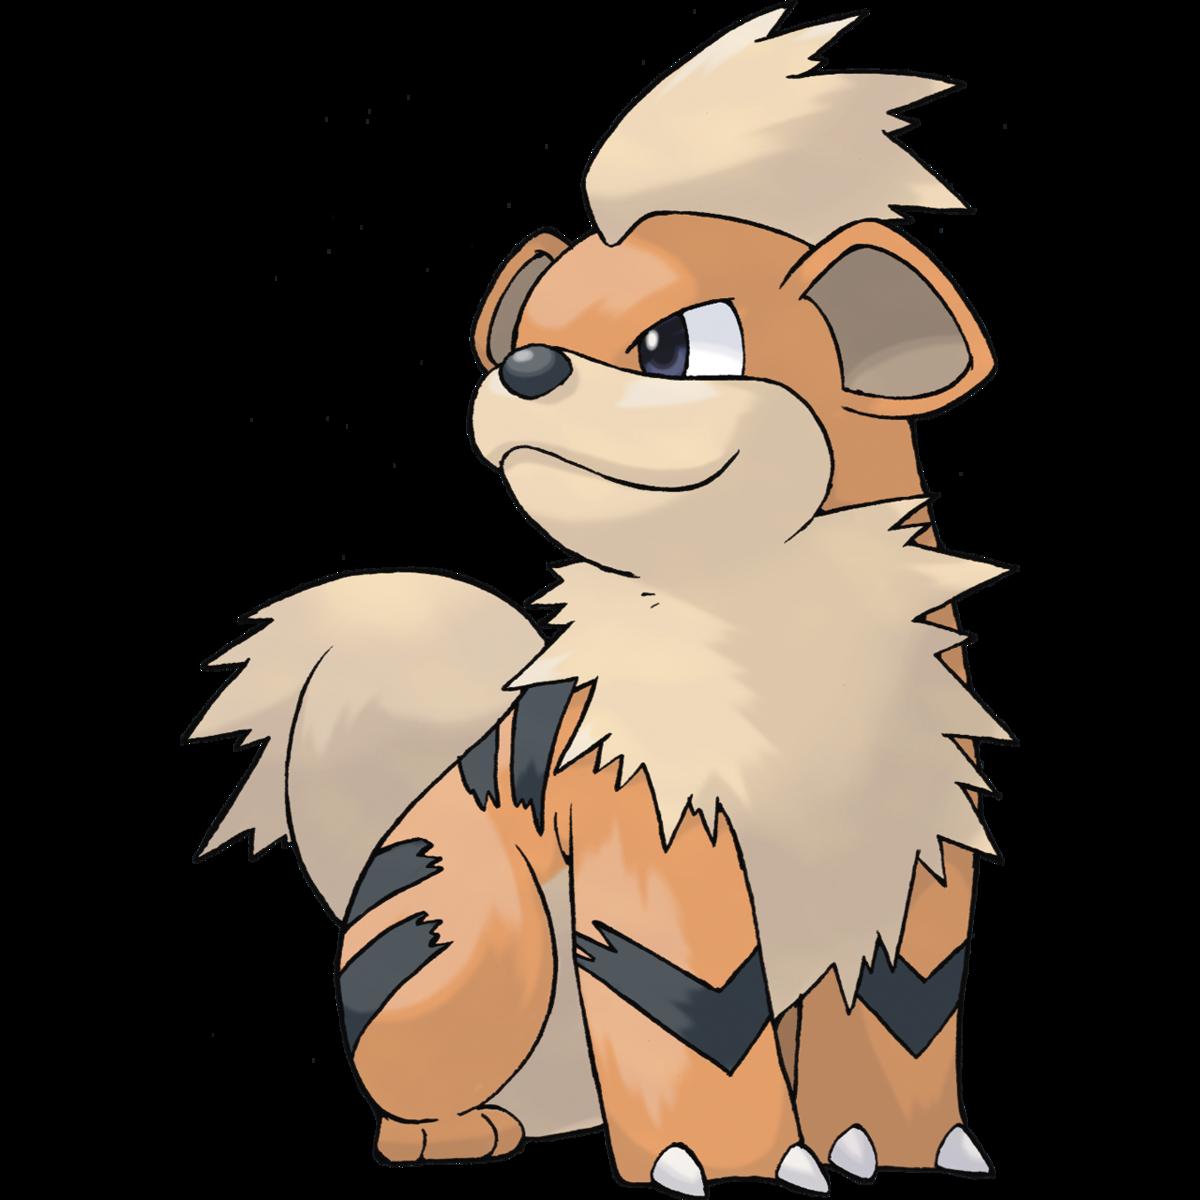 Growlithe (Pokémon).